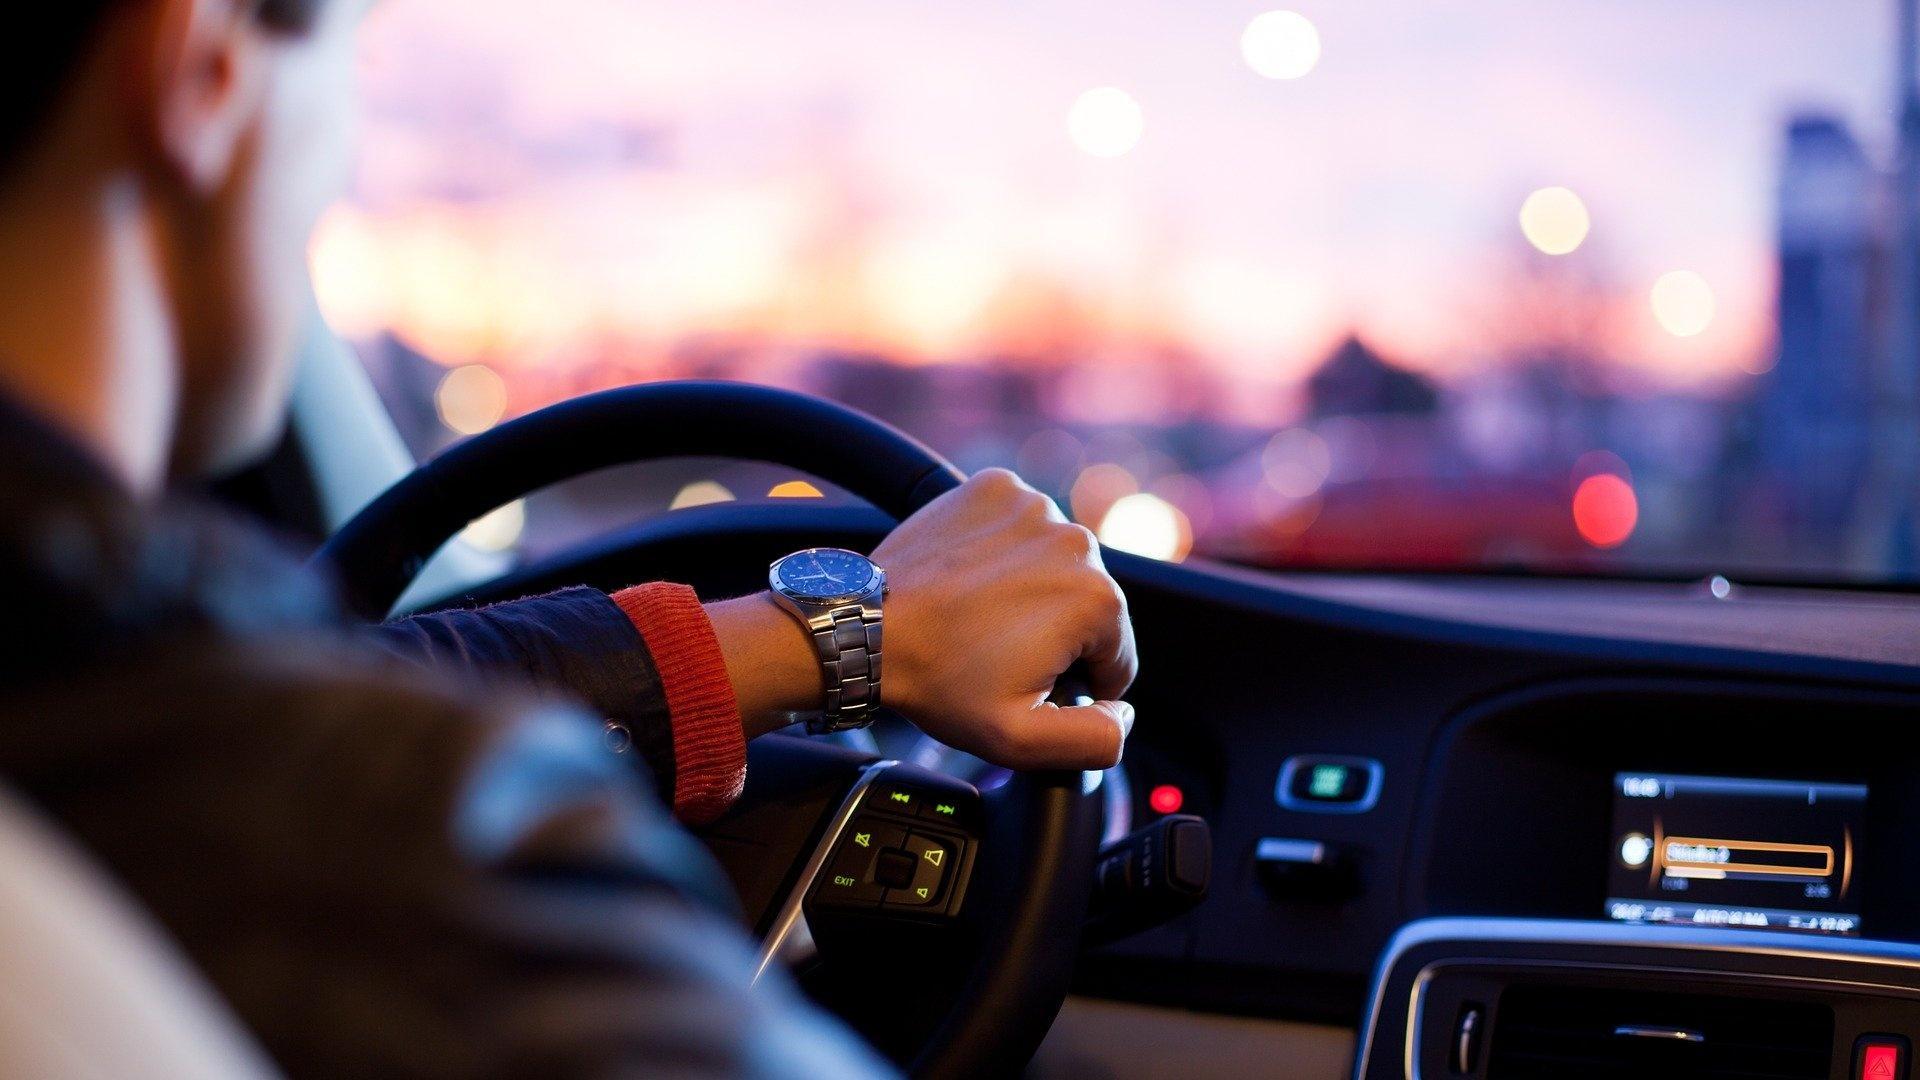 Auto quietscht beim Lenken: Das sind die Gründe.